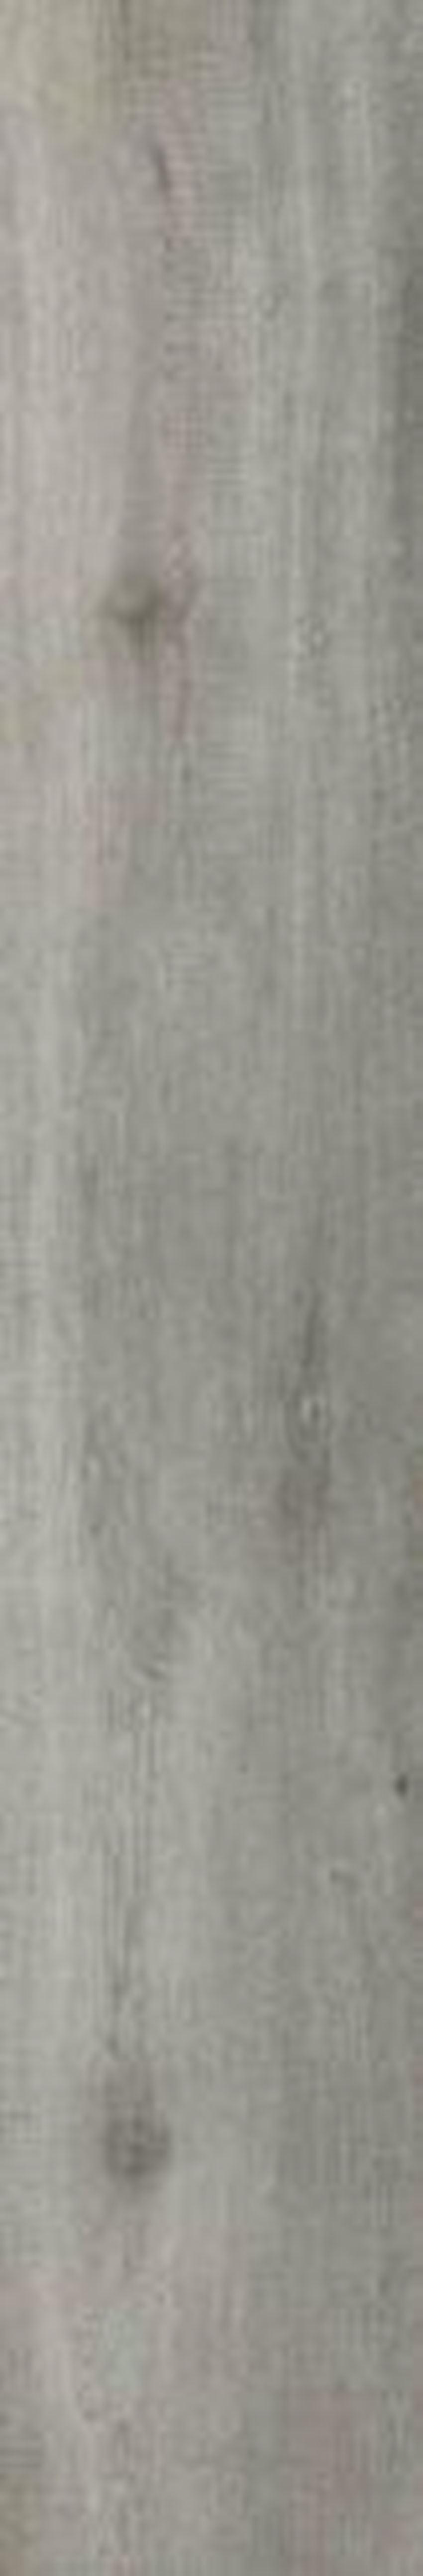 Płytka ścienno-podłogowa 29,4x180 cm Paradyż Tammi Grys Gres Szklany Rektyfikowany Mat